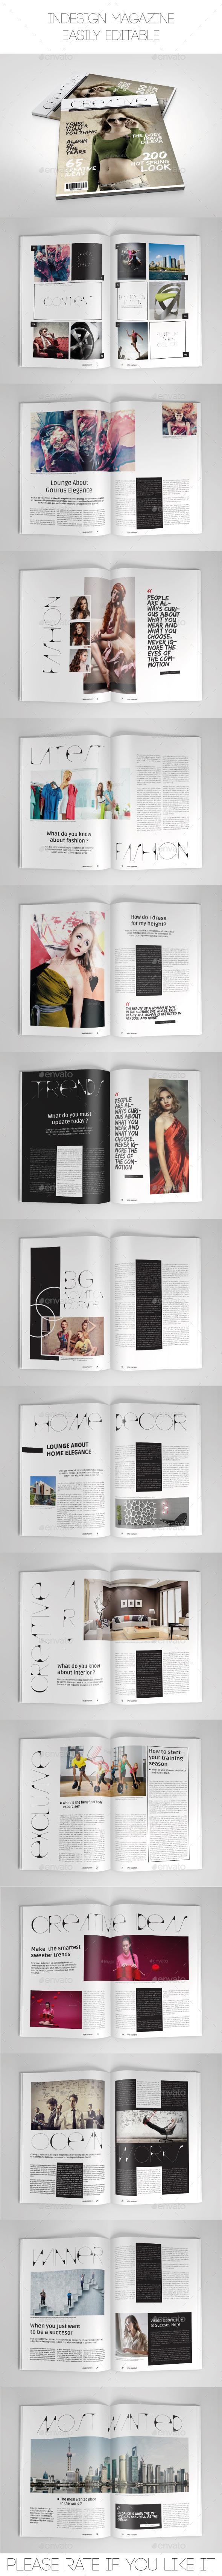 GraphicRiver Multipurpose Magazine Template 9175199